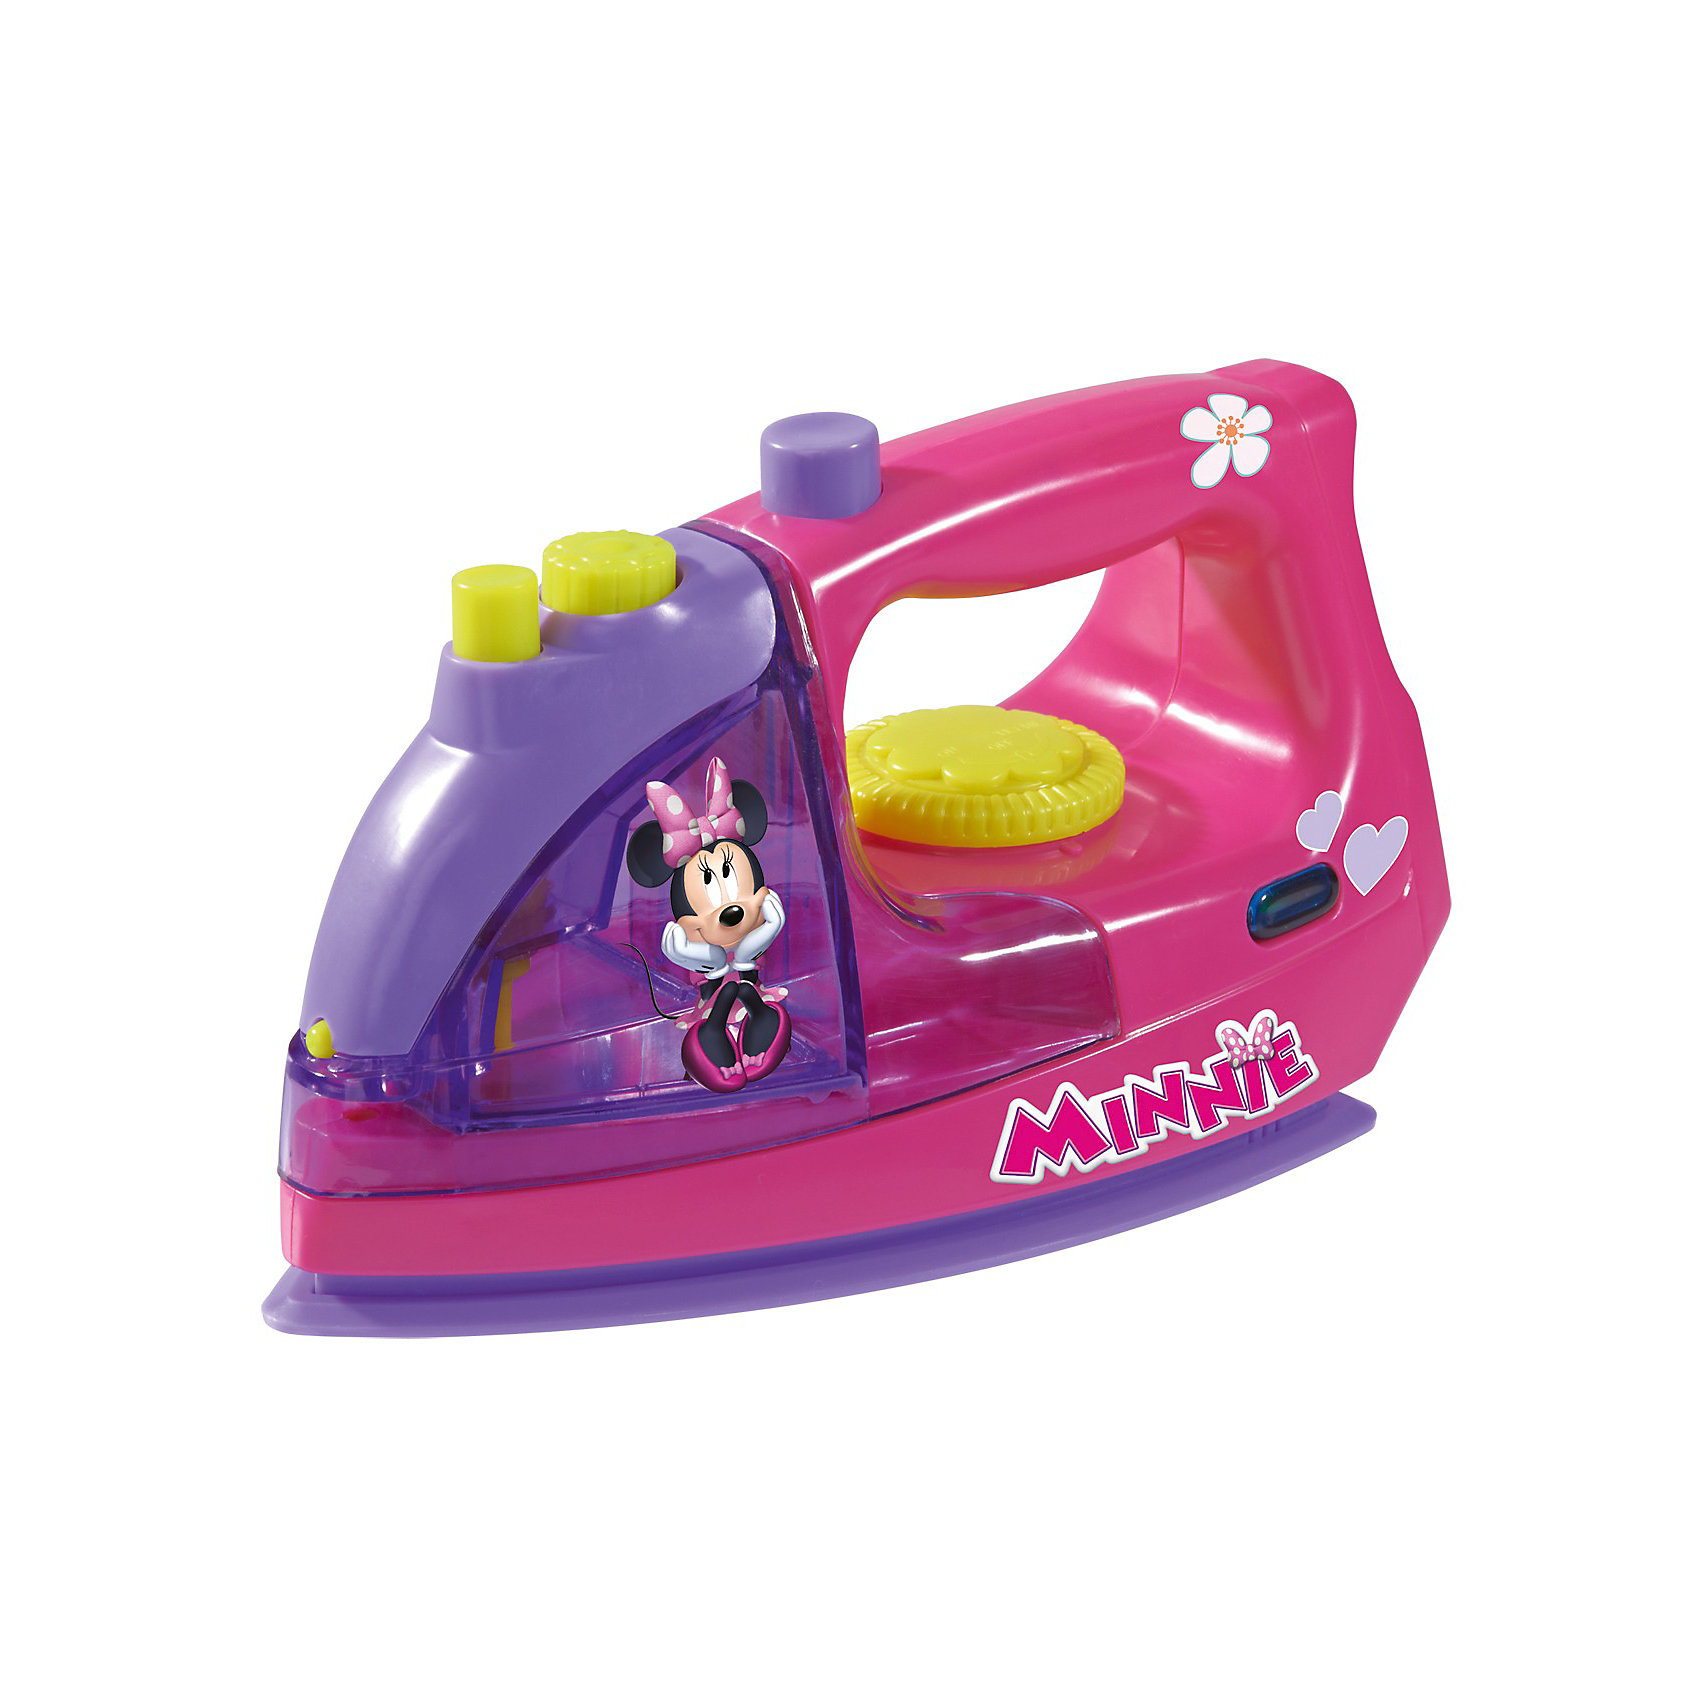 Утюг с водой Minnie Mouse, 18 см, SimbaУтюг с водой Minnie Mouse, 18 см, Simba (Симба).<br><br>Характеристика:<br><br>• Материал: пластик. <br>• Размер утюга: 18 см. <br>• Вес: 0,4 кг. <br>• Емкость для воды (можно наливать воду). <br>• Подвижное колесико регулятора температуры. <br>• Издает звук шипения и нагрева. <br>• Элемент питания: 2 АА батарейки (не входят в комплект). <br>• Яркий привлекательный дизайн. <br><br>Яркий утюг с изображением очаровательной Минни Маус обязательно понравится любой девочке. Утюг отлично детализирован и выглядит как настоящий: есть подвижный регулятор температуры, емкость для воды, при нажатии на кнопку раздается шипение (как при включении пара). Игрушка выполнена из высококачественного гипоаллергенного пластика, в производстве которого использованы только безопасные нетоксичные красители. Отличный вариант для вашею юной хозяйки!<br><br>Утюг с водой Minnie Mouse, 18 см, Simba (Симба), можно купить в нашем интернет-магазине.<br><br>Ширина мм: 220<br>Глубина мм: 105<br>Высота мм: 128<br>Вес г: 800<br>Возраст от месяцев: 36<br>Возраст до месяцев: 72<br>Пол: Женский<br>Возраст: Детский<br>SKU: 3159680